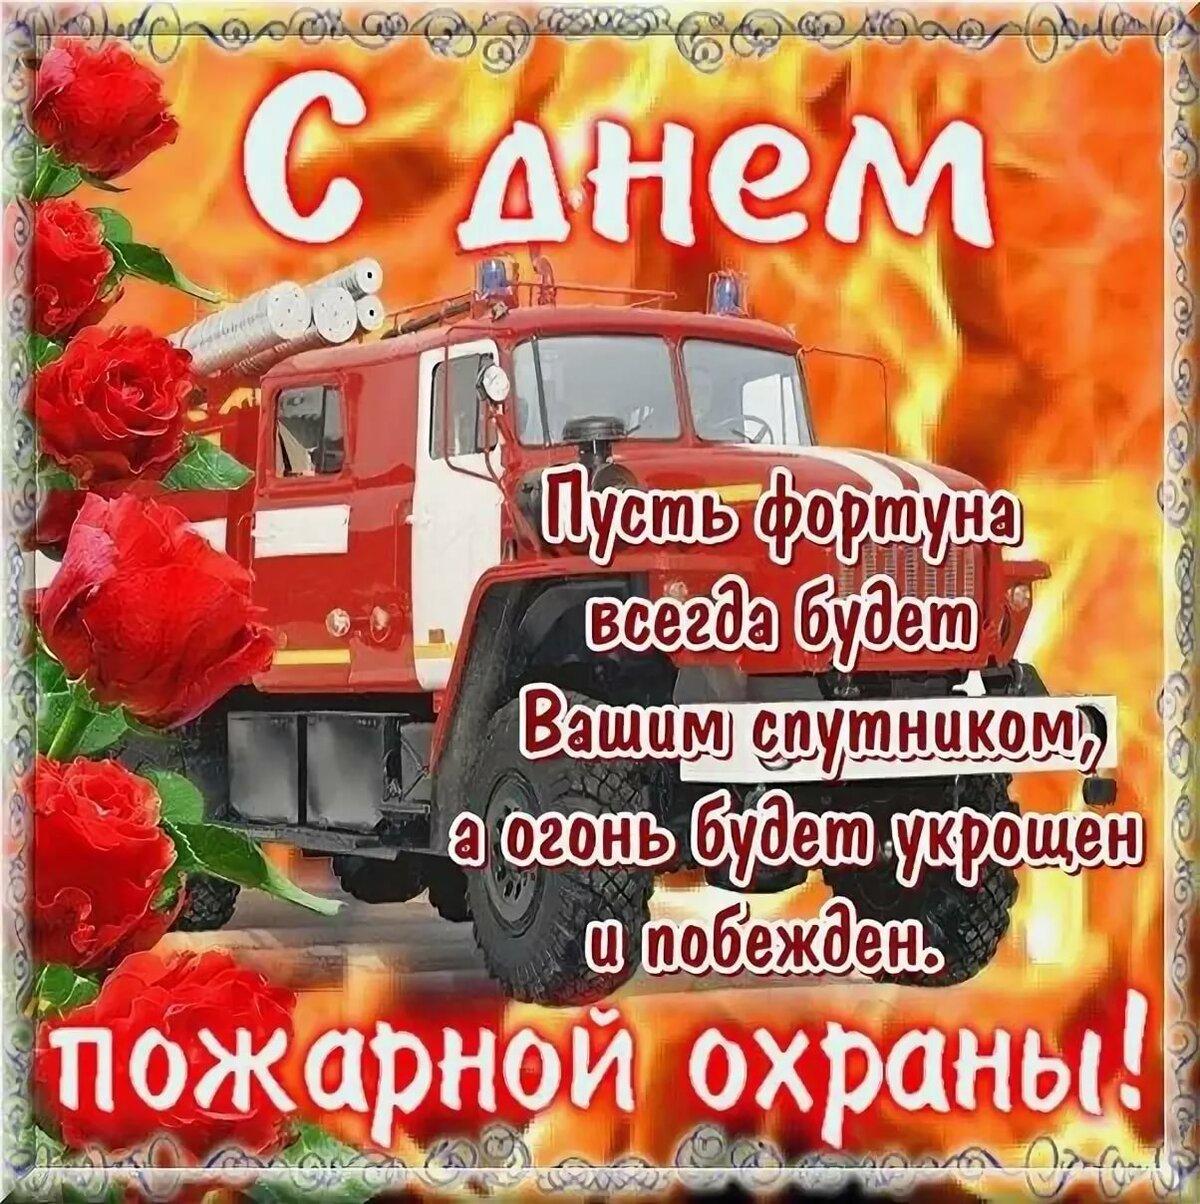 Открытки день пожарной охраны россии